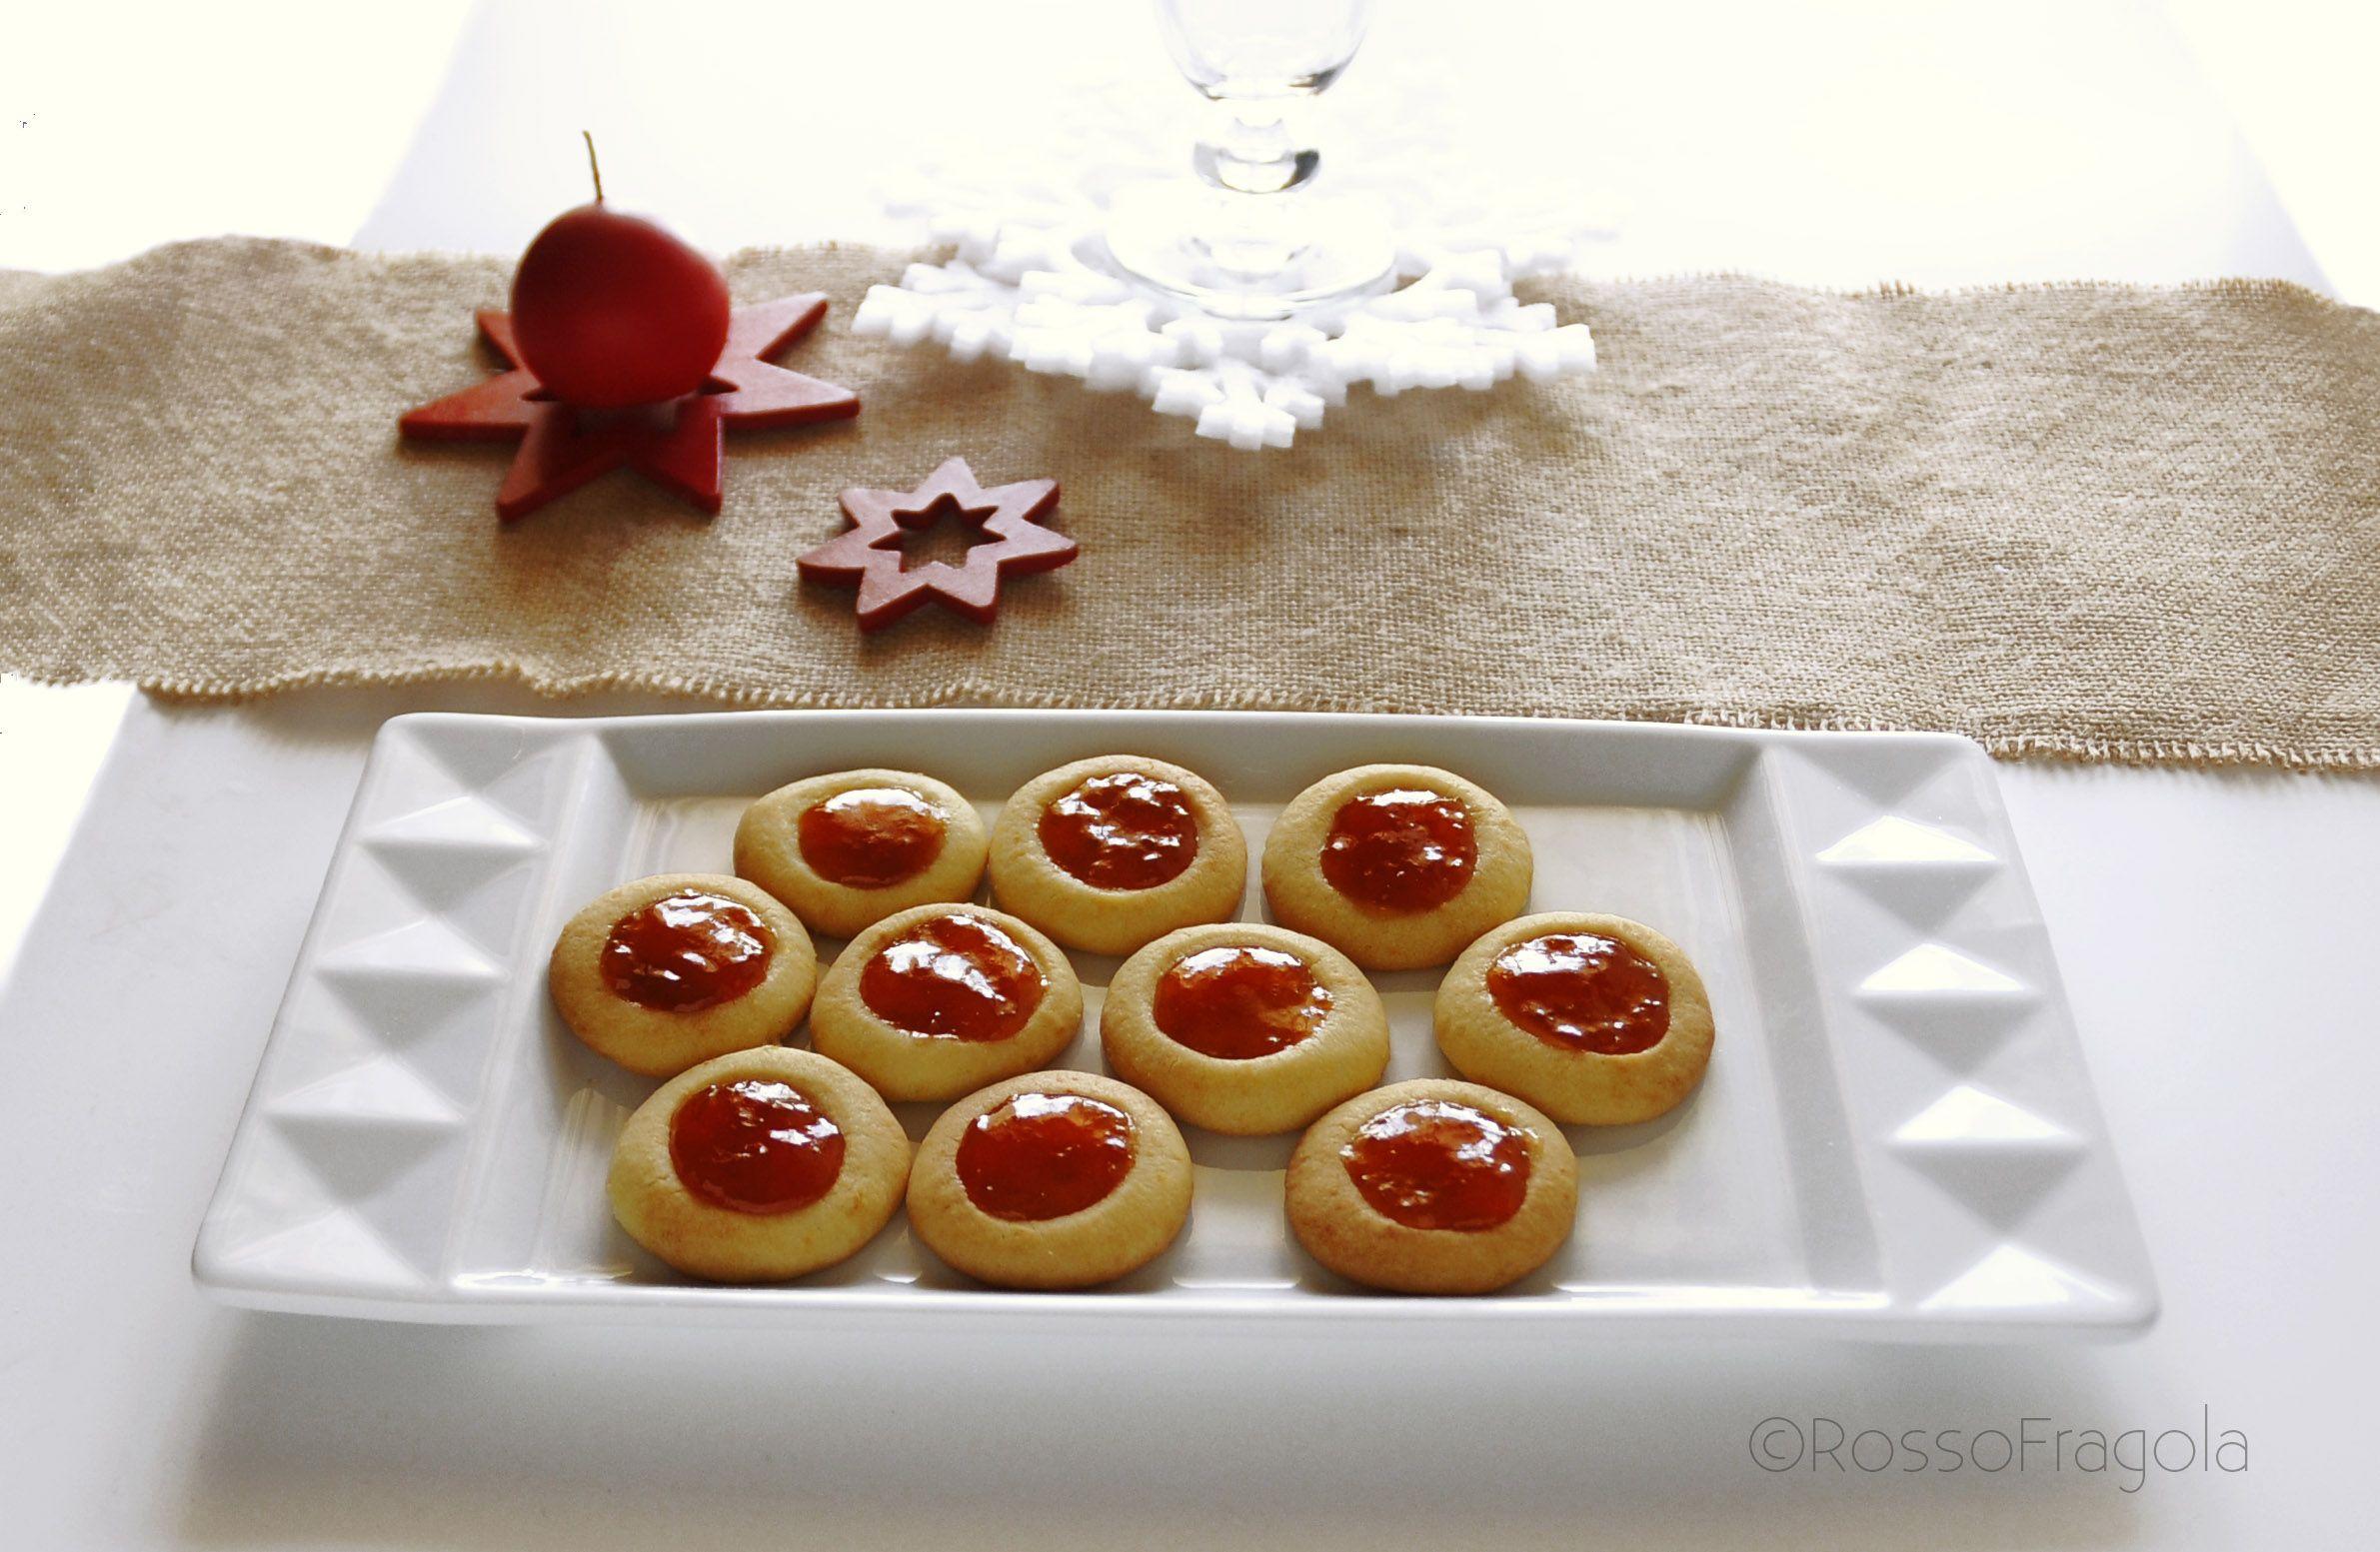 Biscotti OVIS MOLLIS all'arancia... scioglievolissimi! tag: frolla ovis mollis,biscotti con le uova sode,biscotti con tuorli di uova sode,biscotti ovis mollis,ovis molis,biscotti occhio di bue ovis mollis